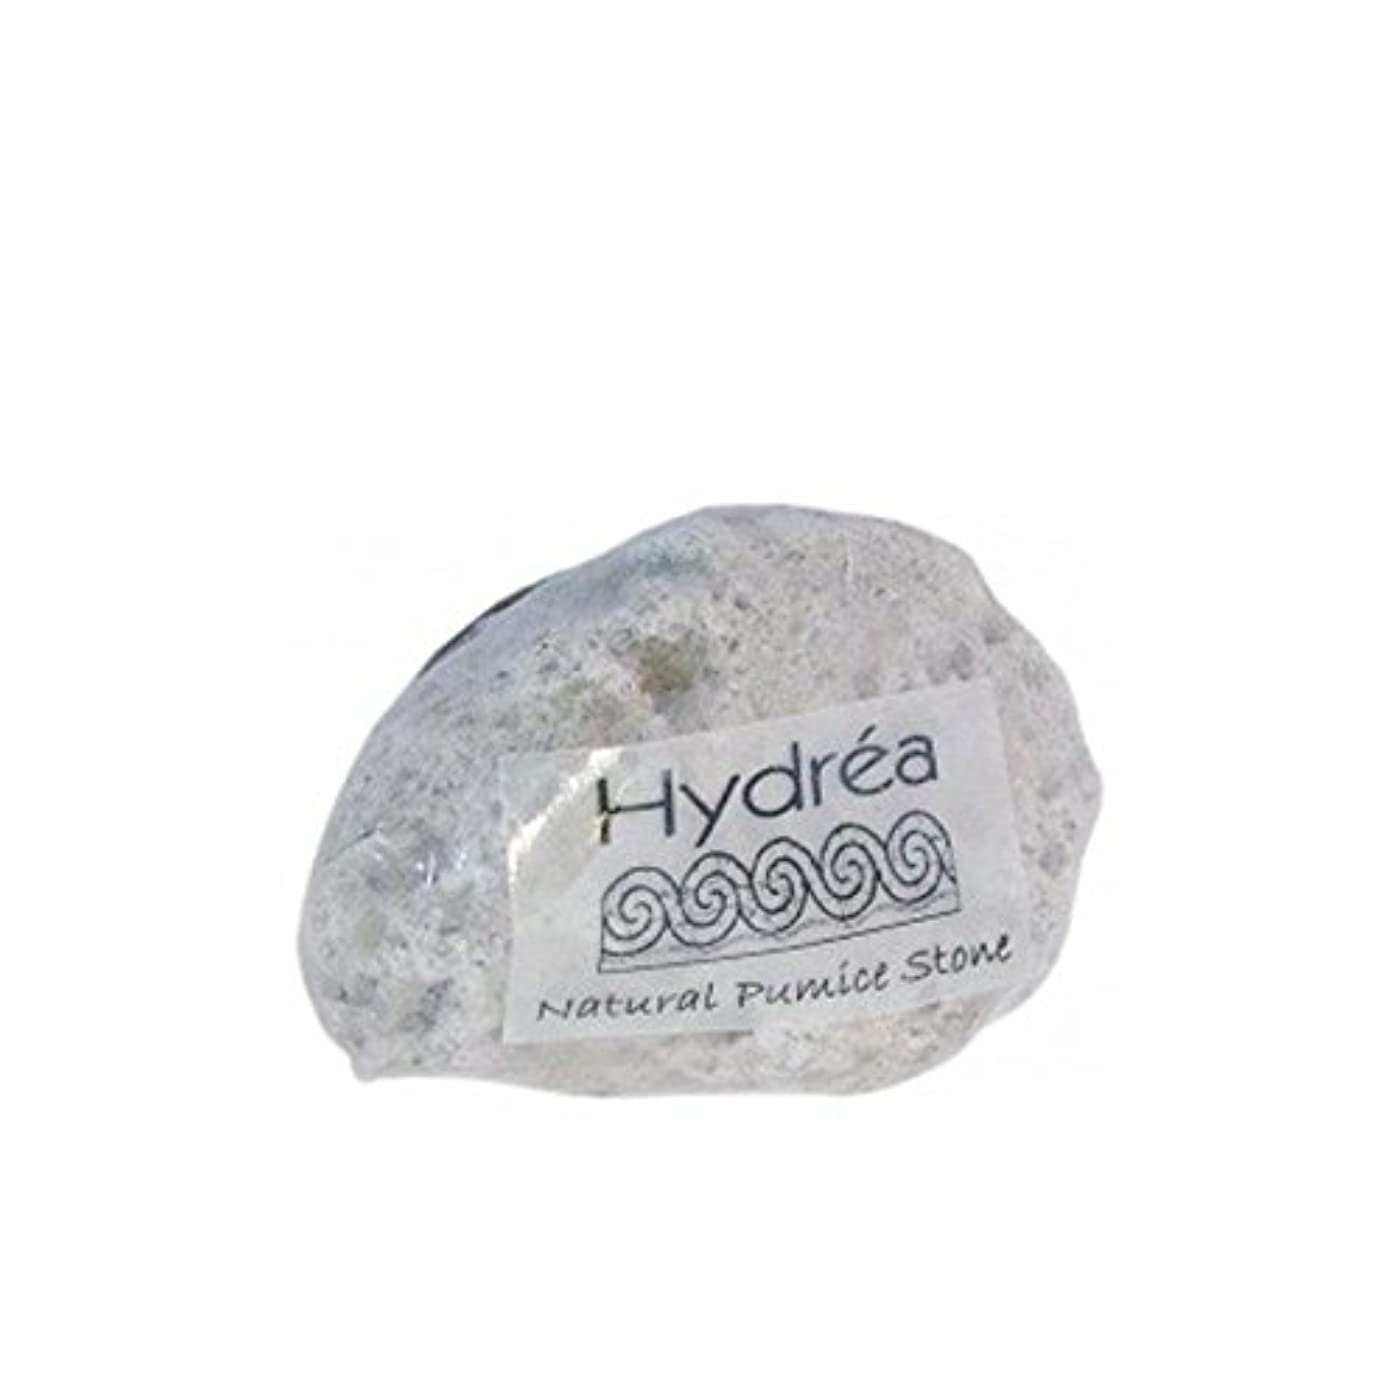 品正気信仰ハイドレアロンドン - 自然軽石 x4 - Hydrea London - Natural Pumice Stone (Pack of 4) [並行輸入品]